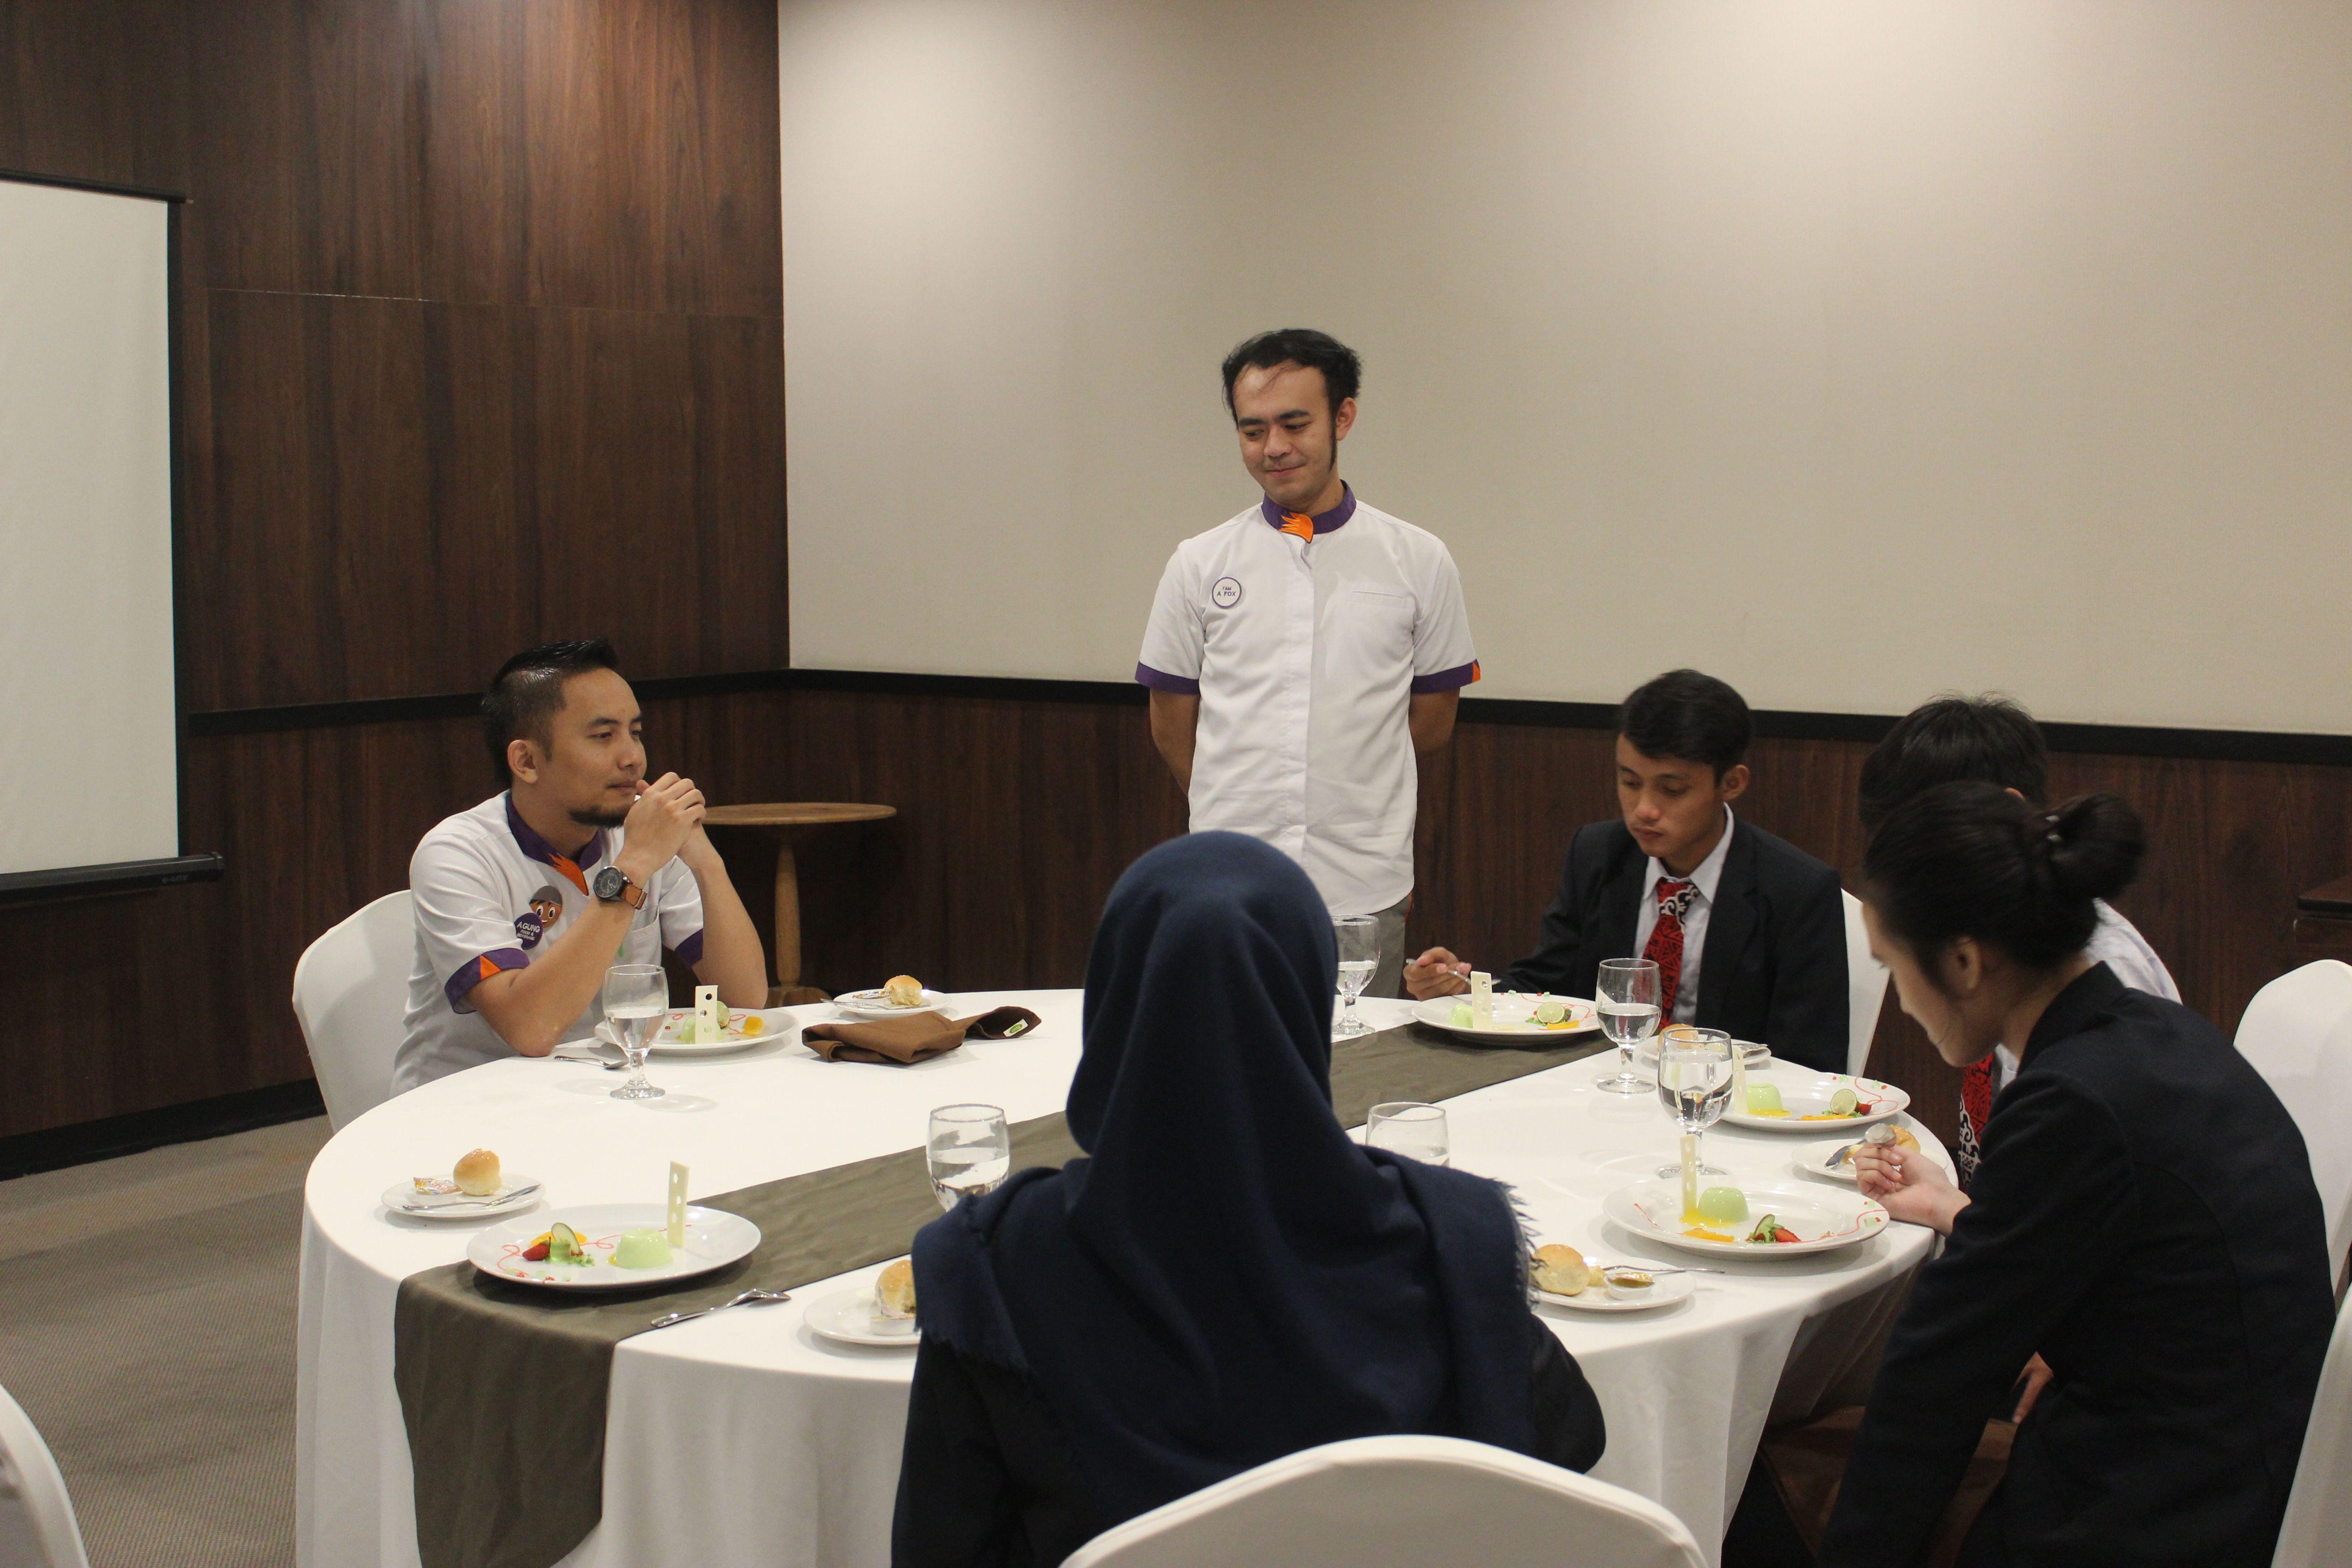 Mahasiswa Pariwisata Fakultas Ekonomi sedang melakukan kegiatan dan pembelajaran Table Manner di fox Harris hotel Bandung